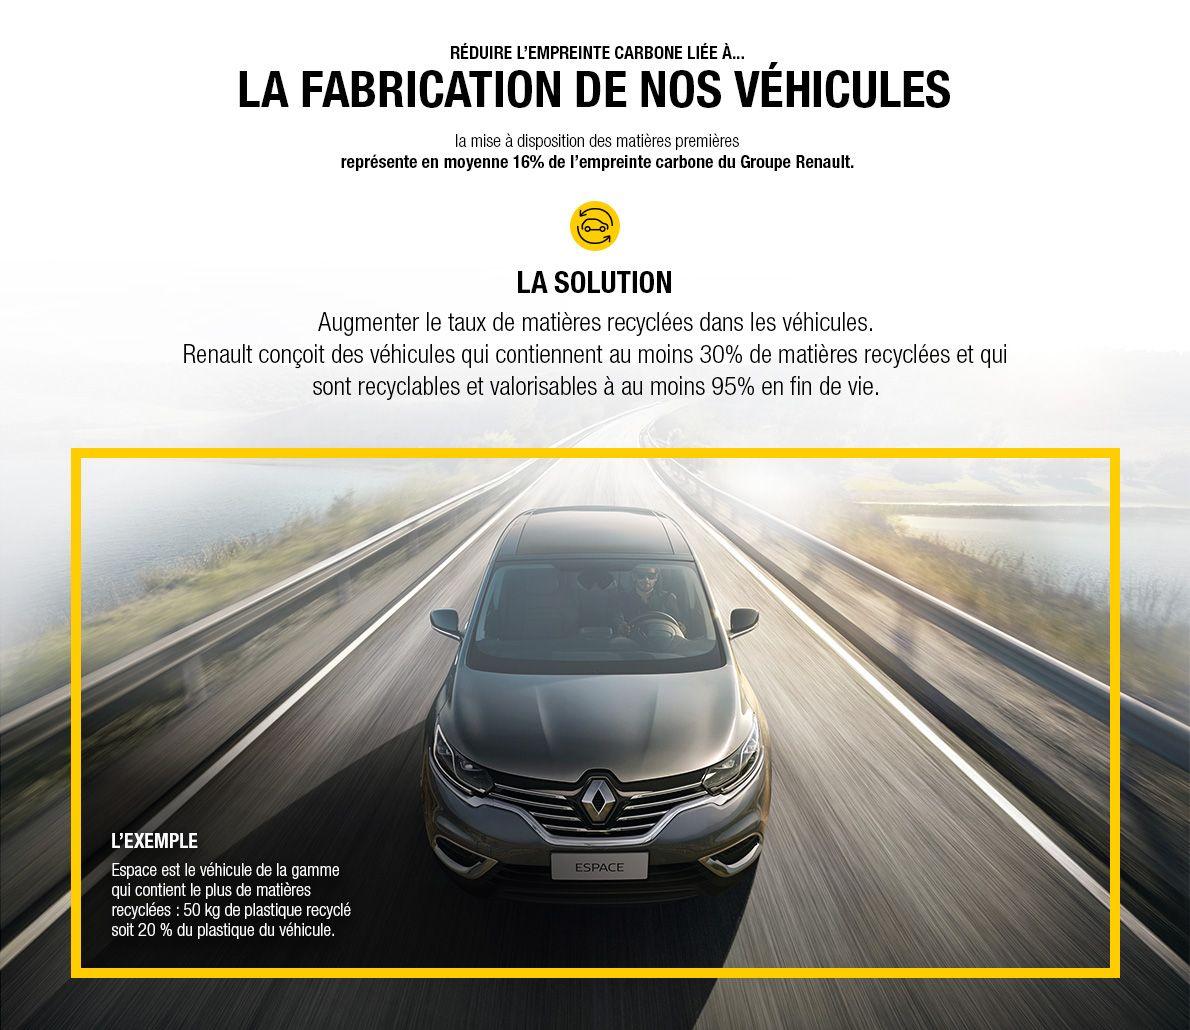 Réduire l'empreinte carbone liée à la fabrication de nos véhicules